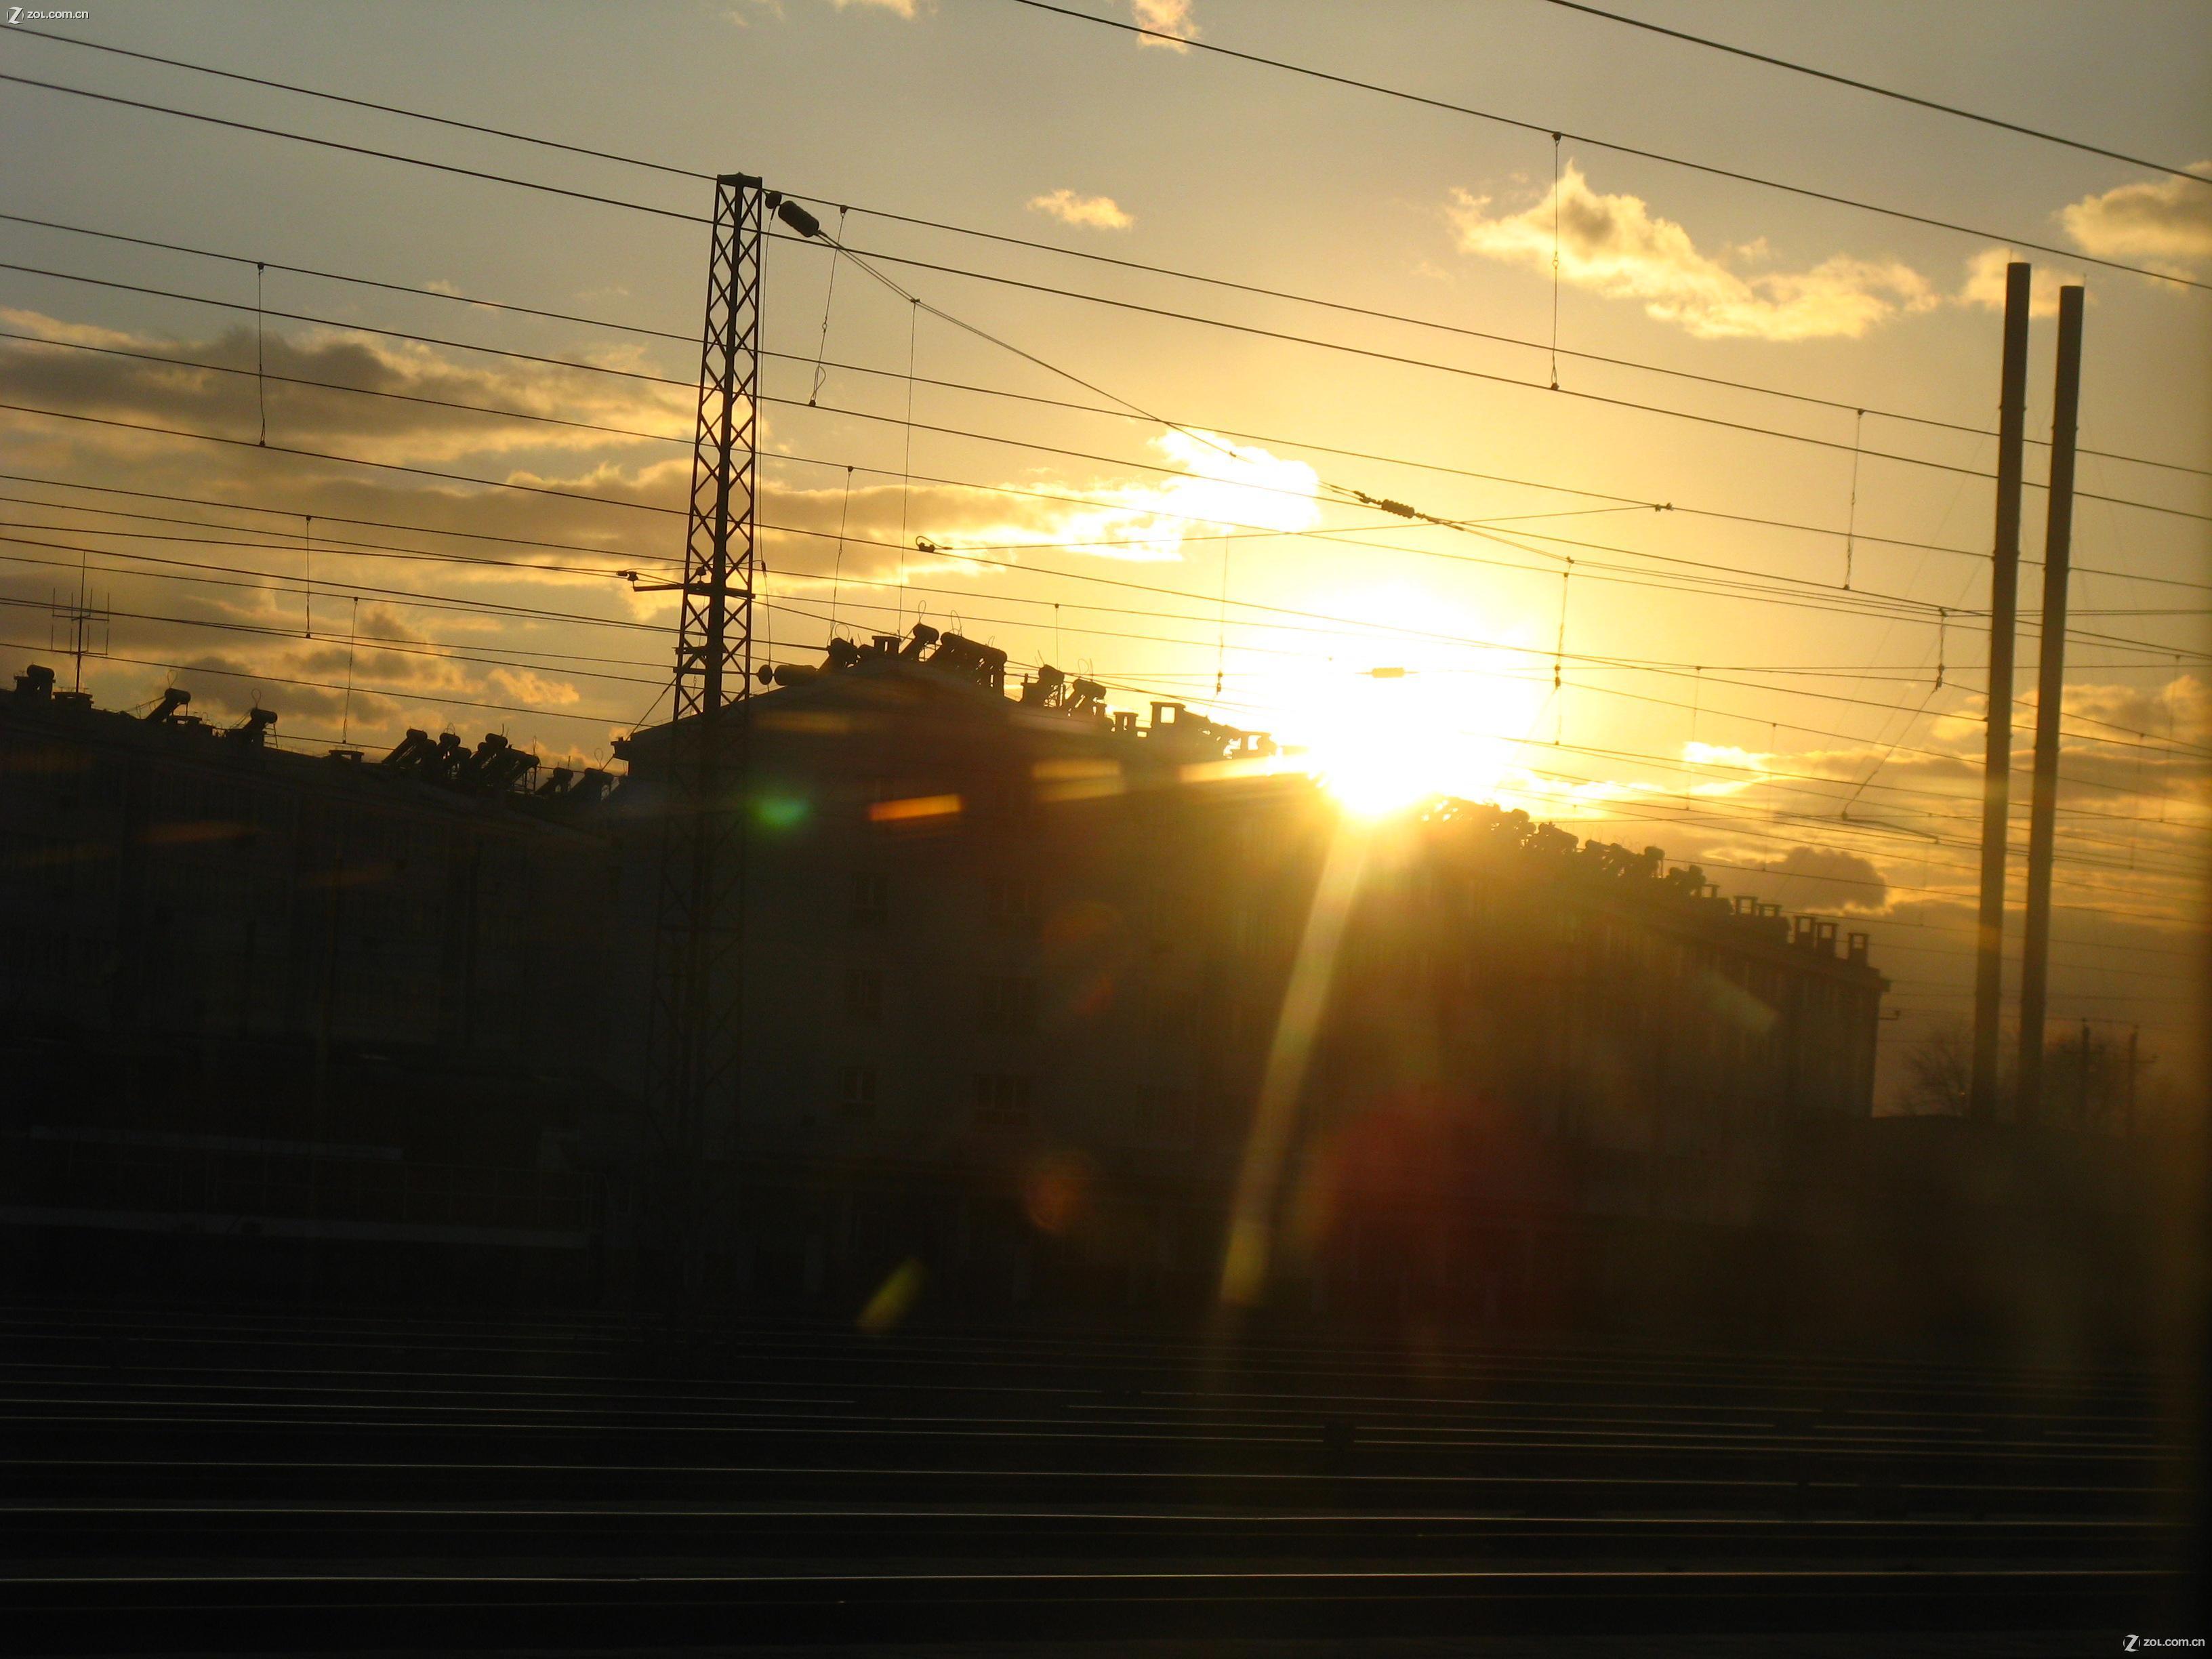 男微信头像 背影 夕阳